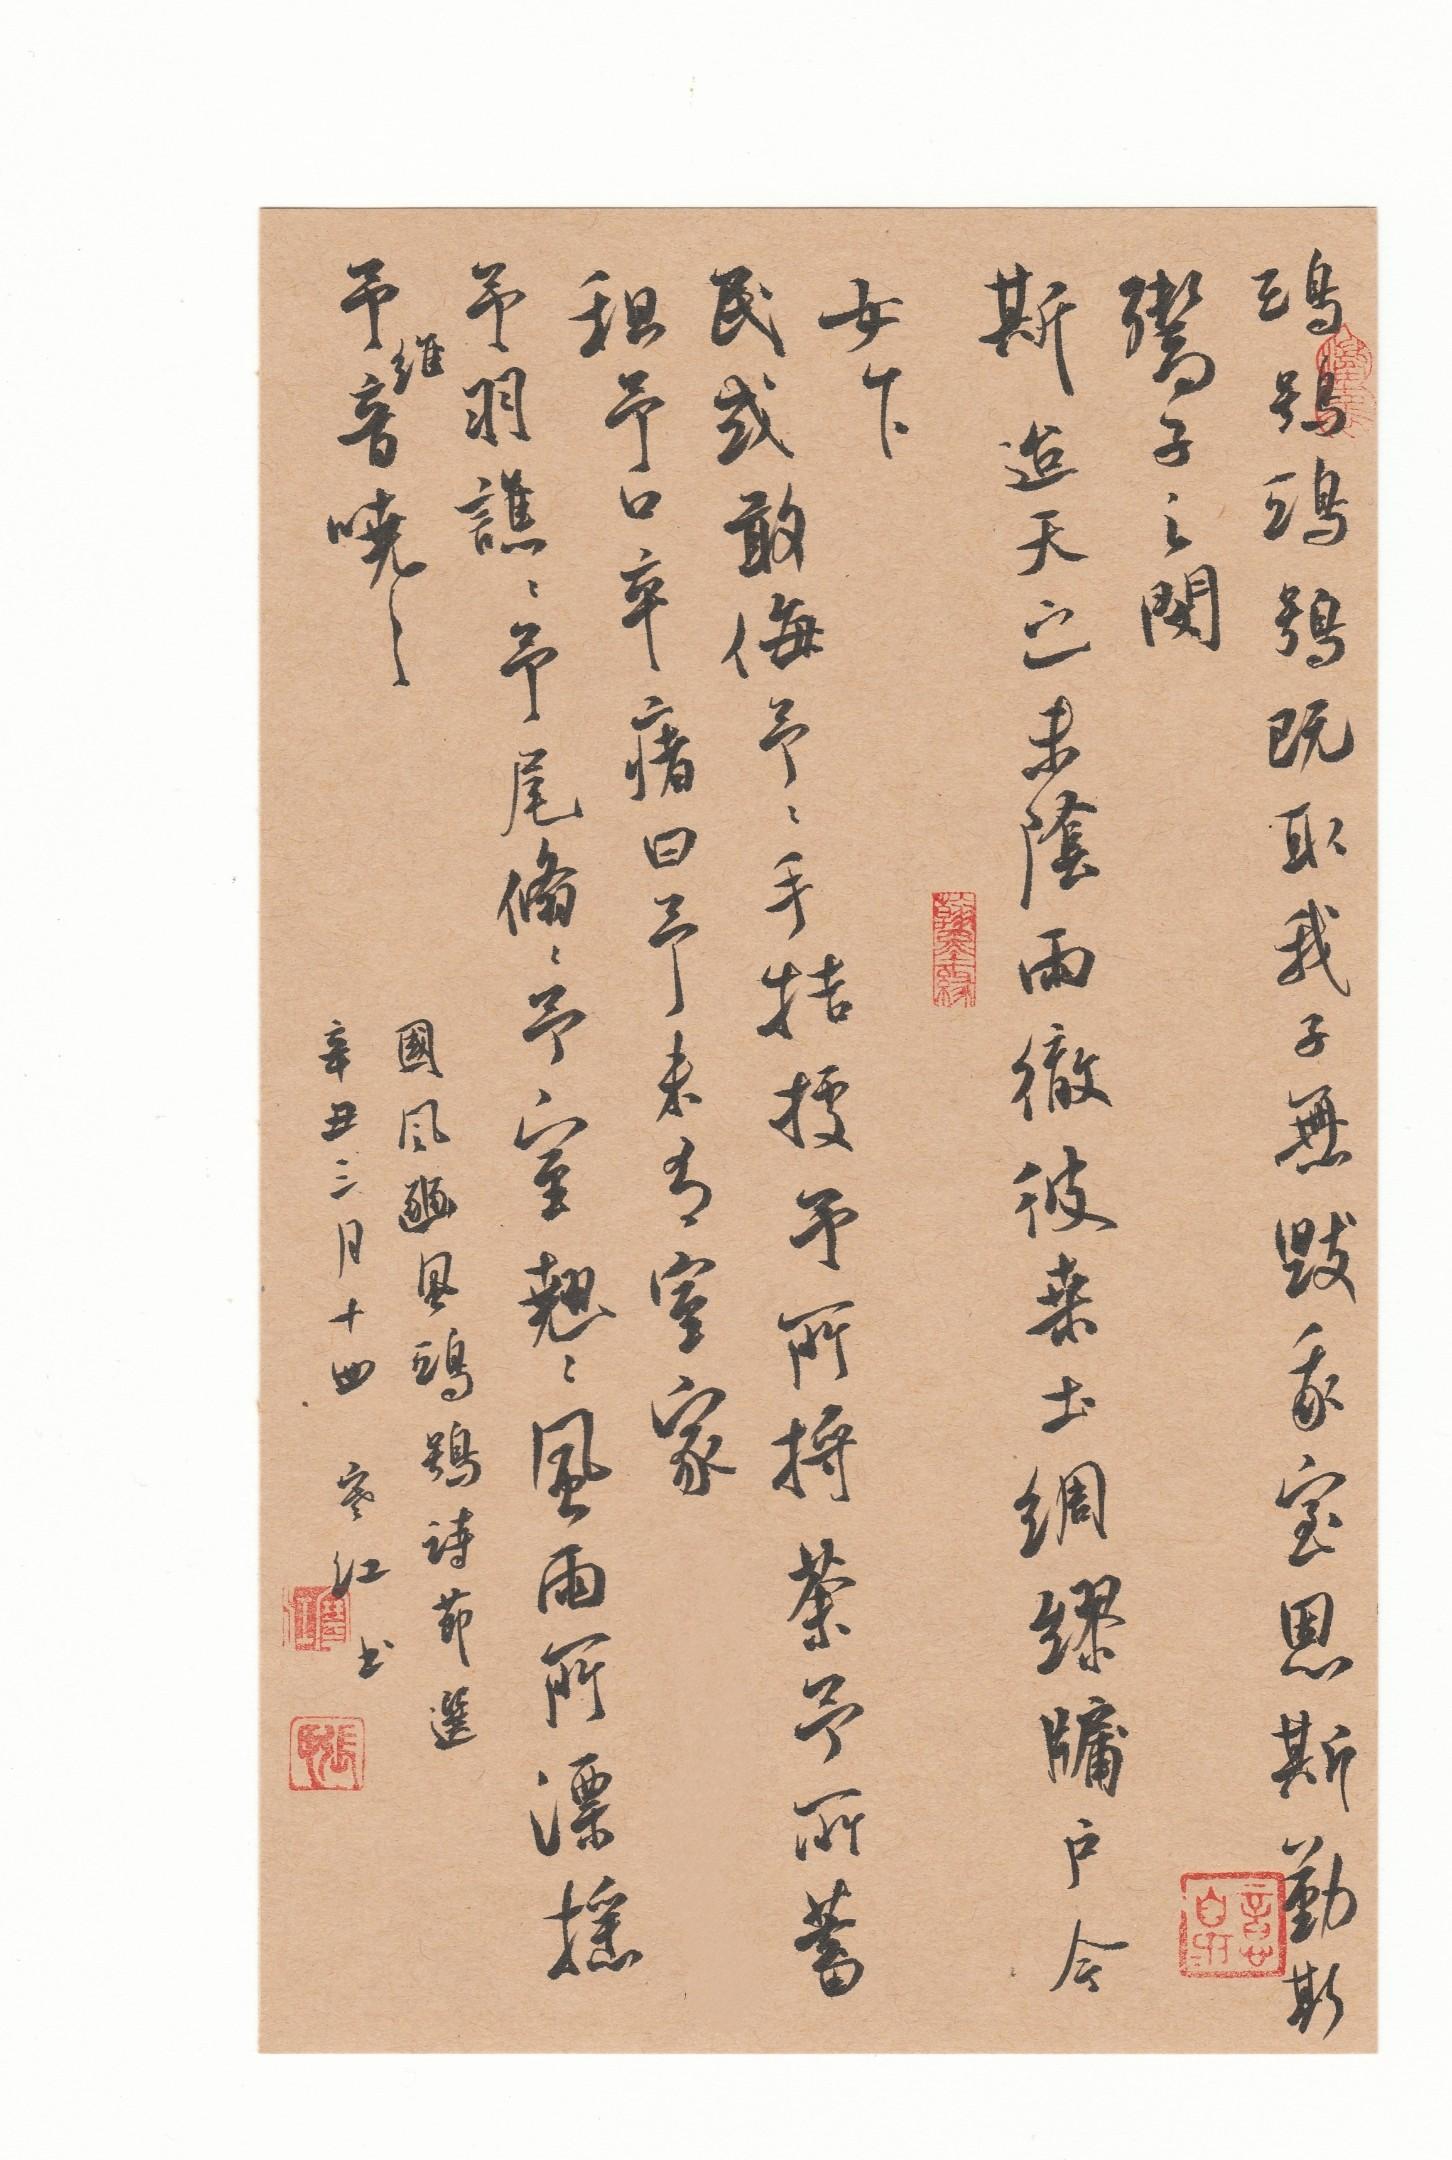 钢笔书法练字打卡20210427-08